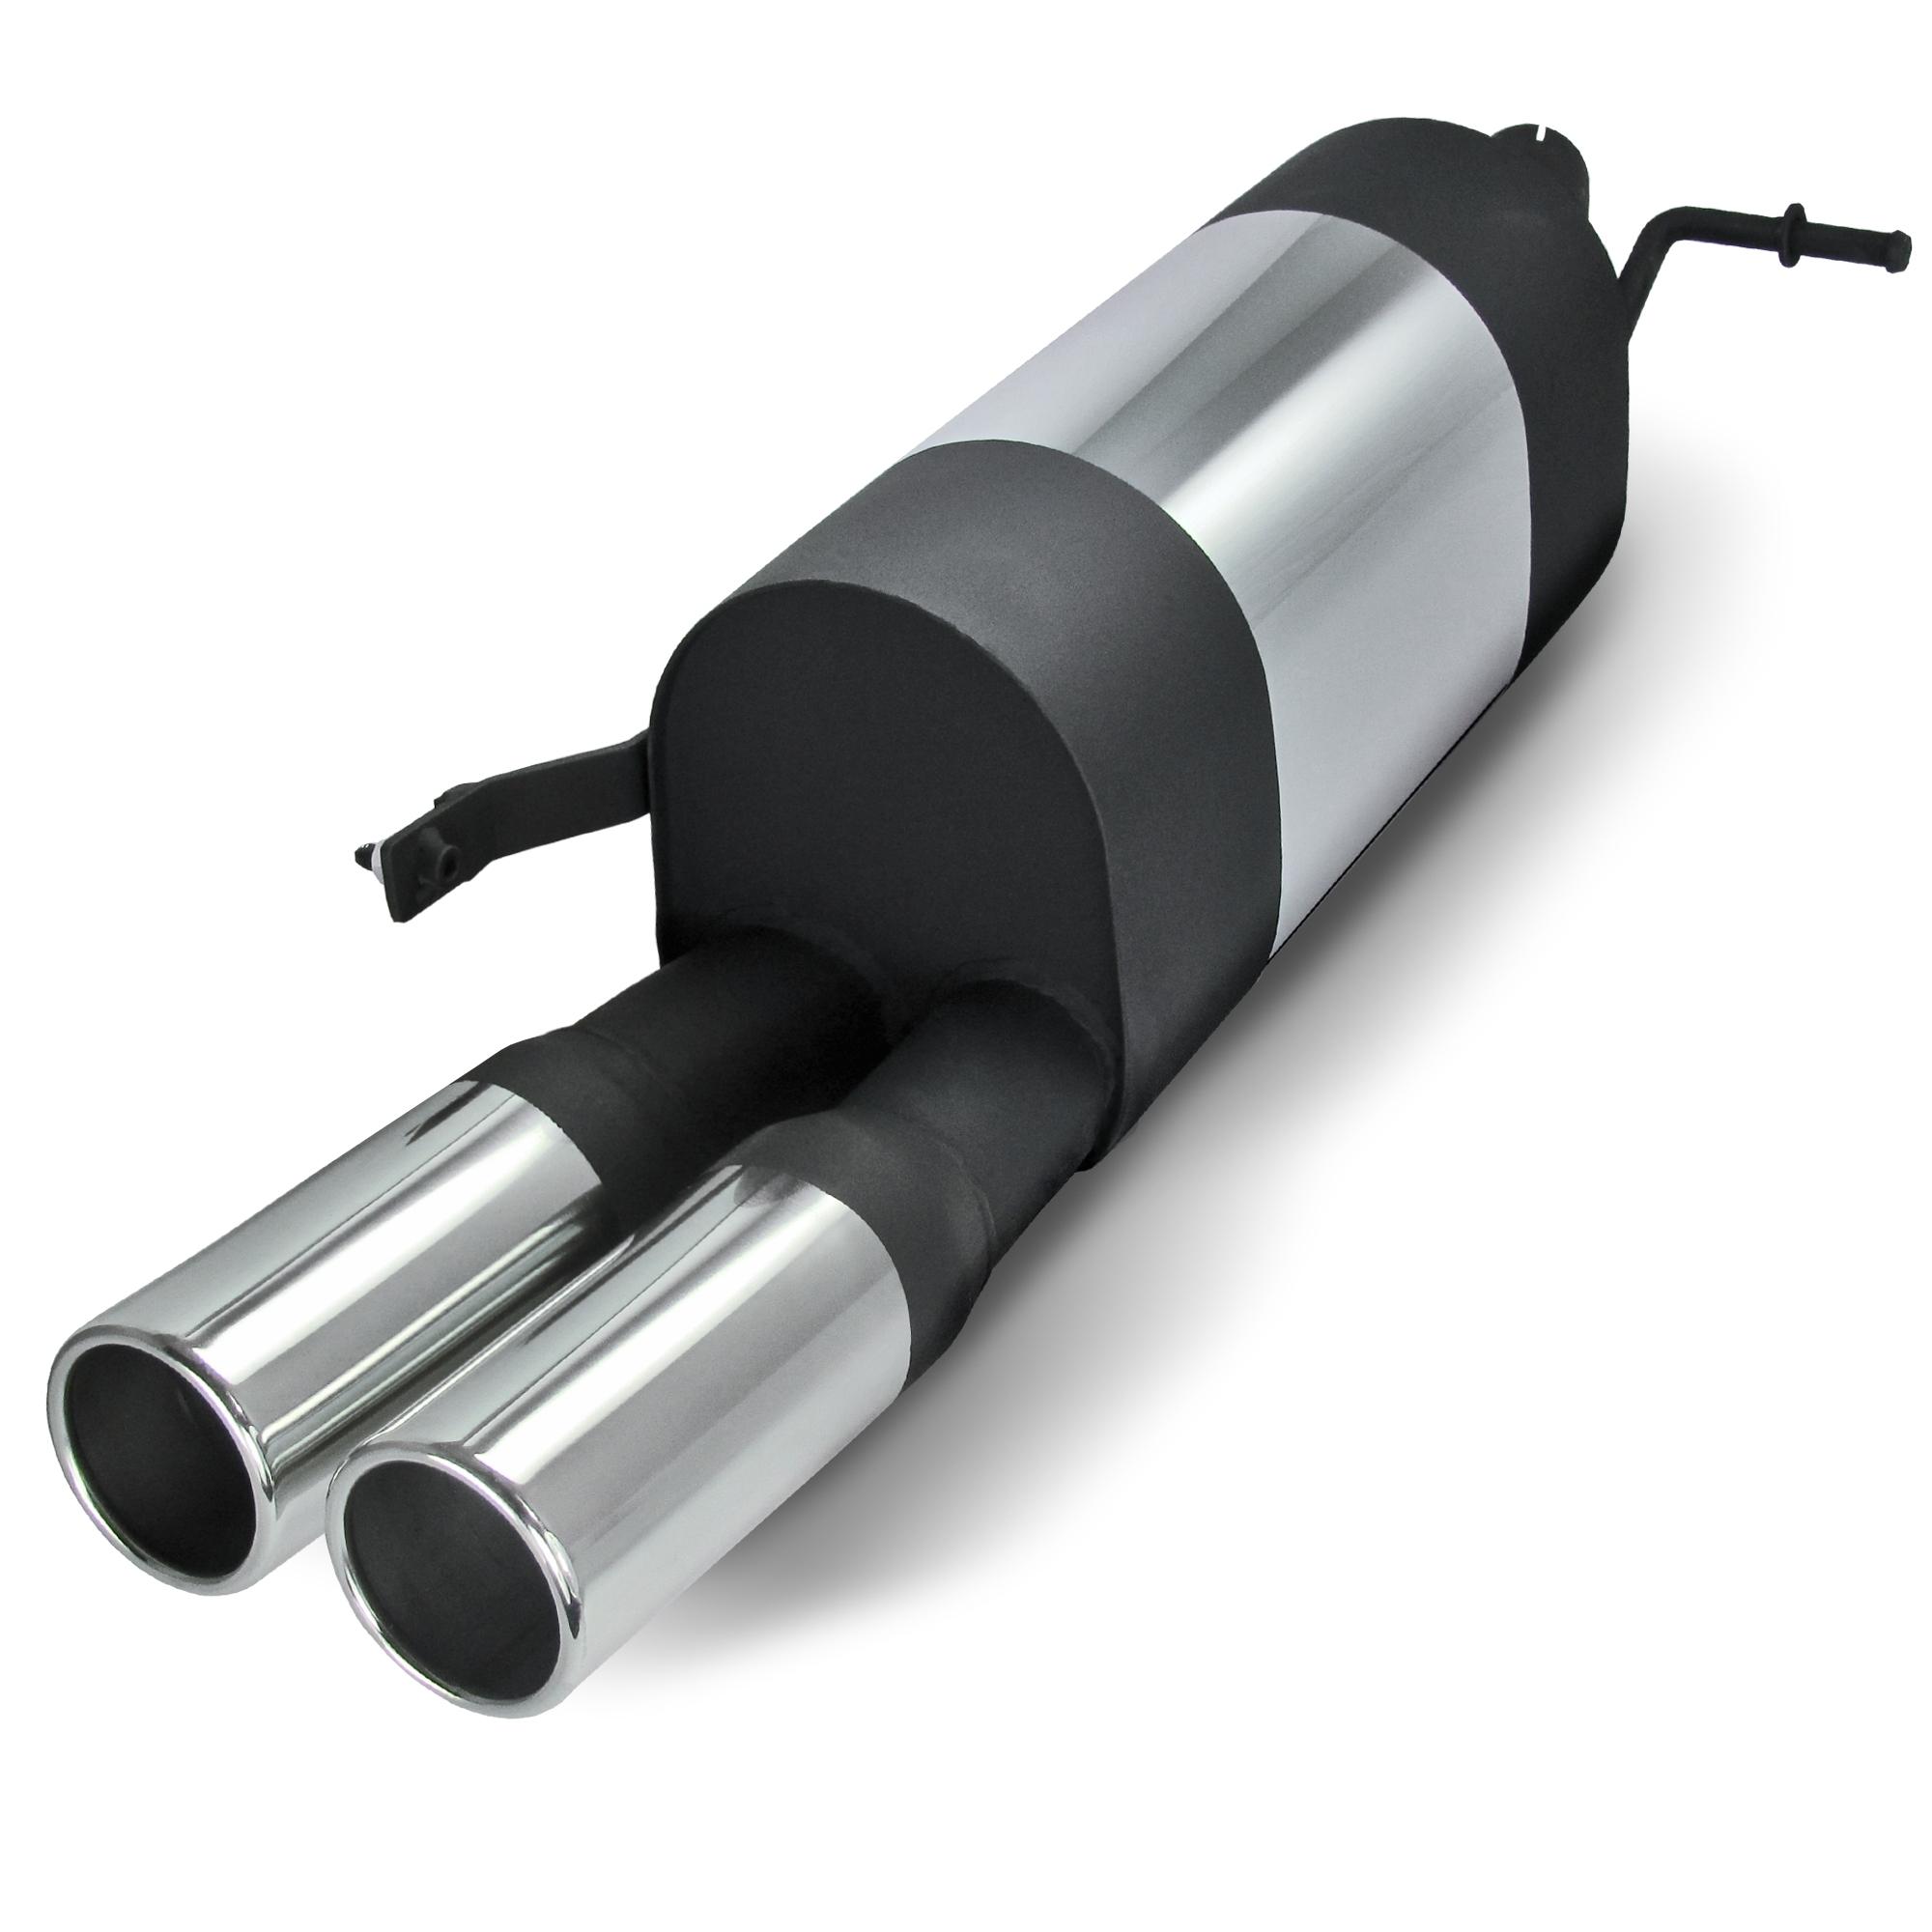 JOM Bagpotte rustfri stål med 2x76 mm lige afgange. Til VW Polo 9N and 9N3 Udvendig tilbehør > Udstødning